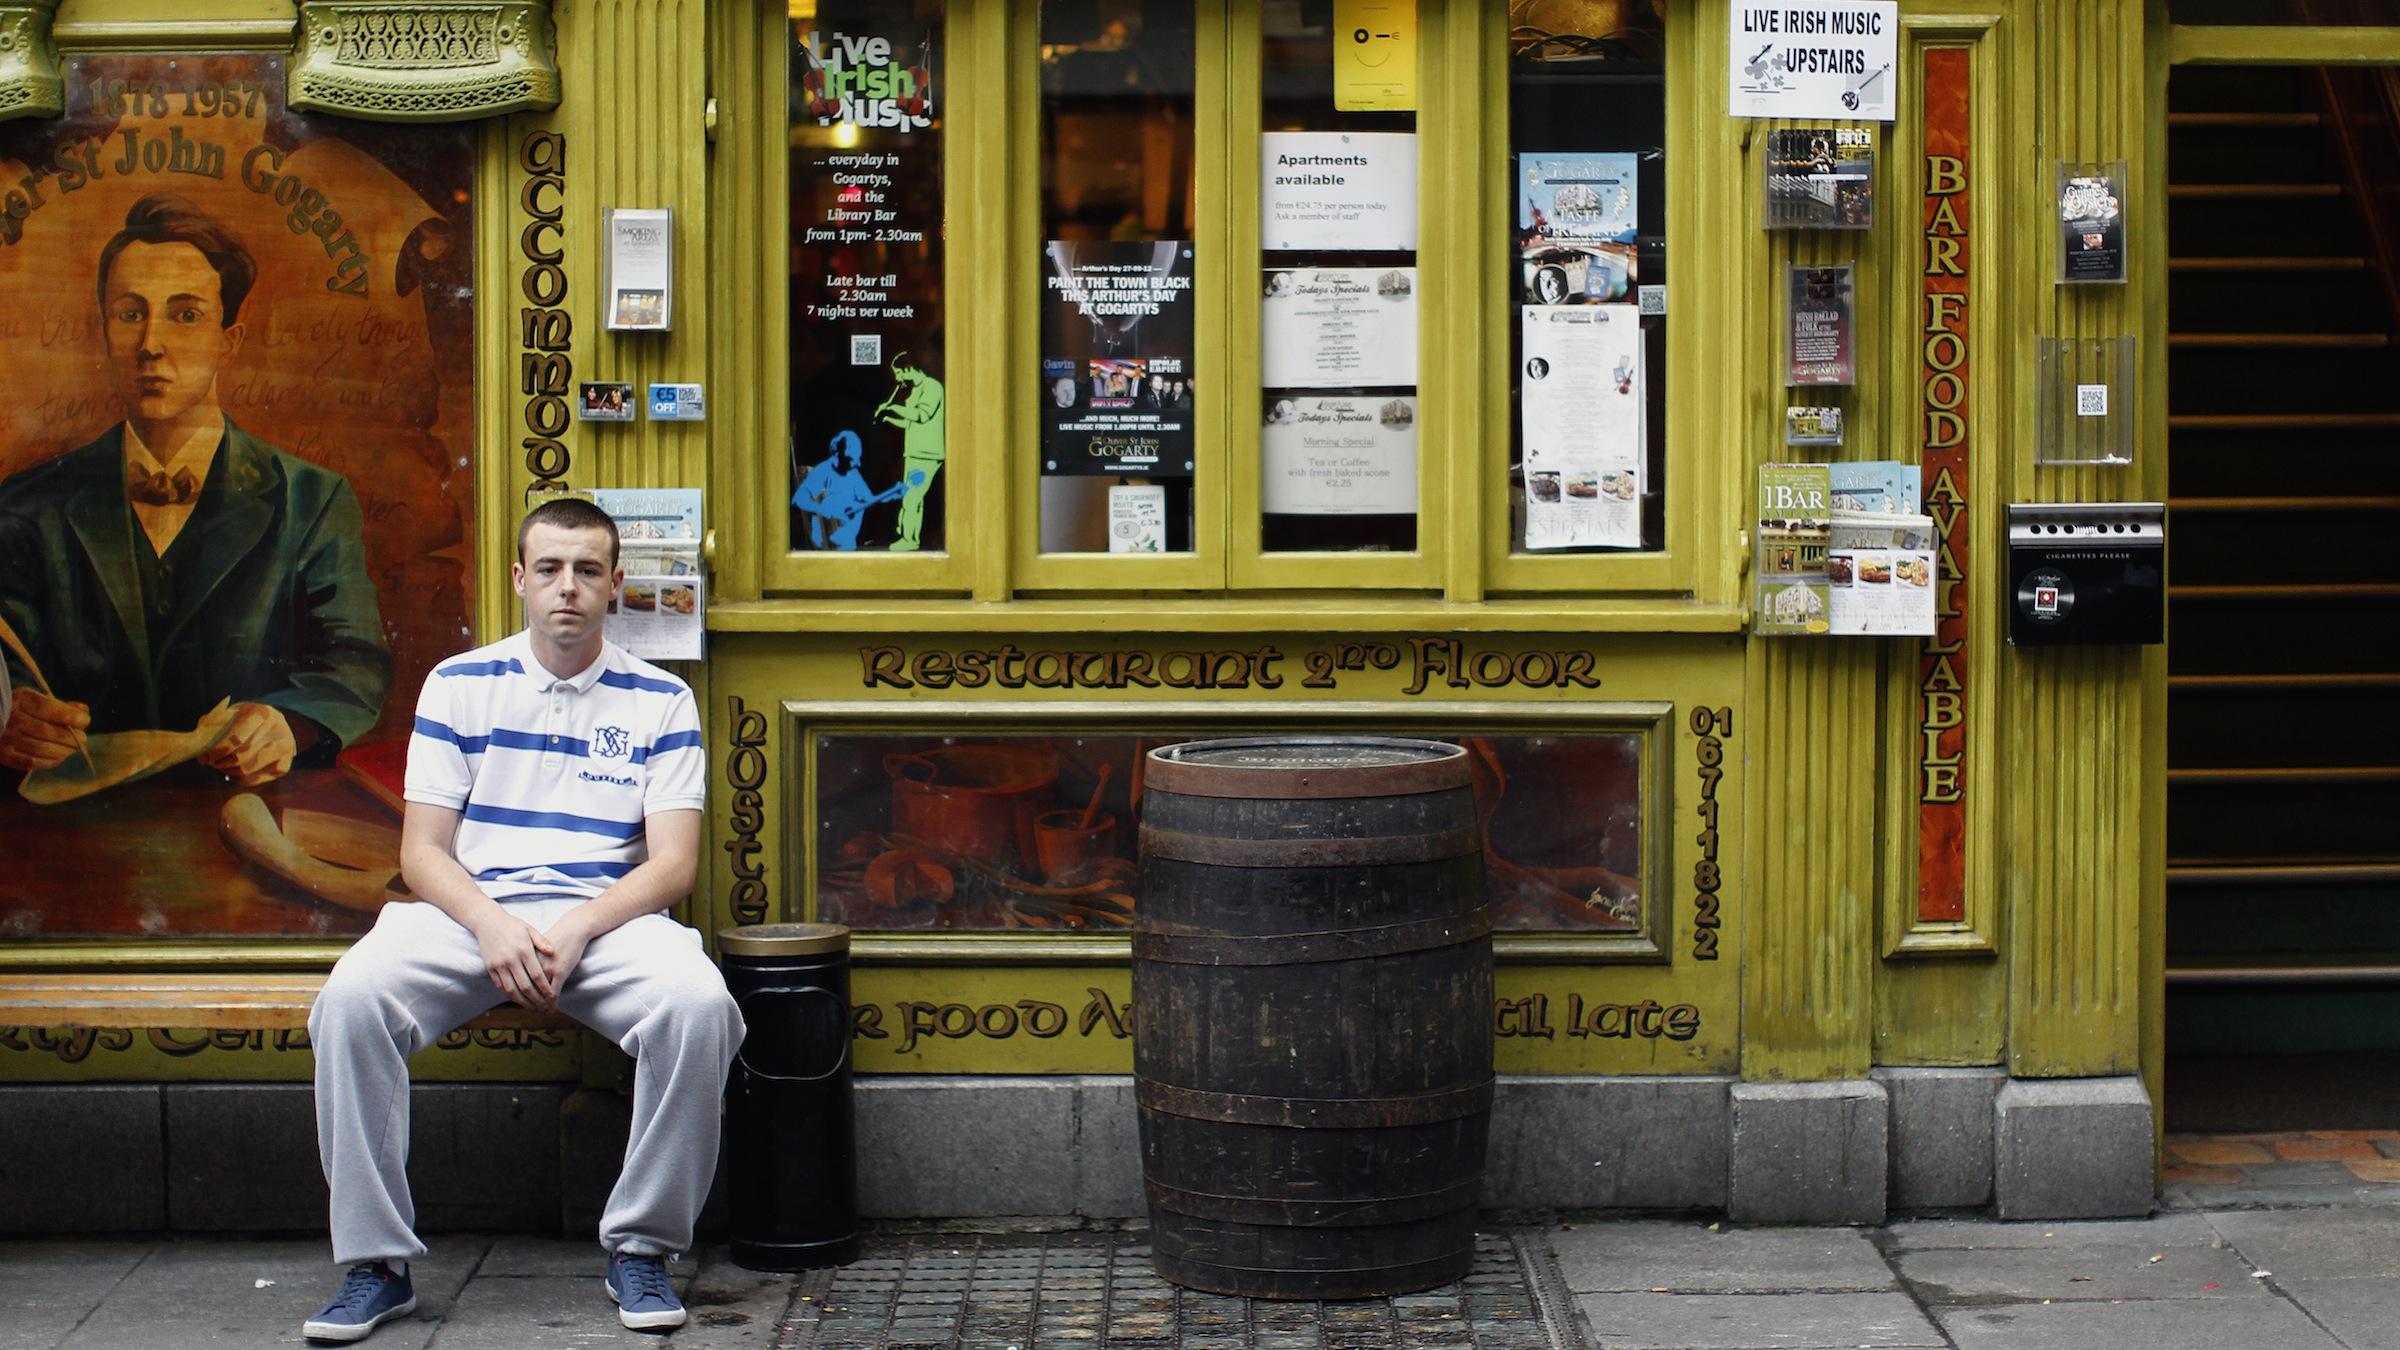 A man outside a pub in Dublin